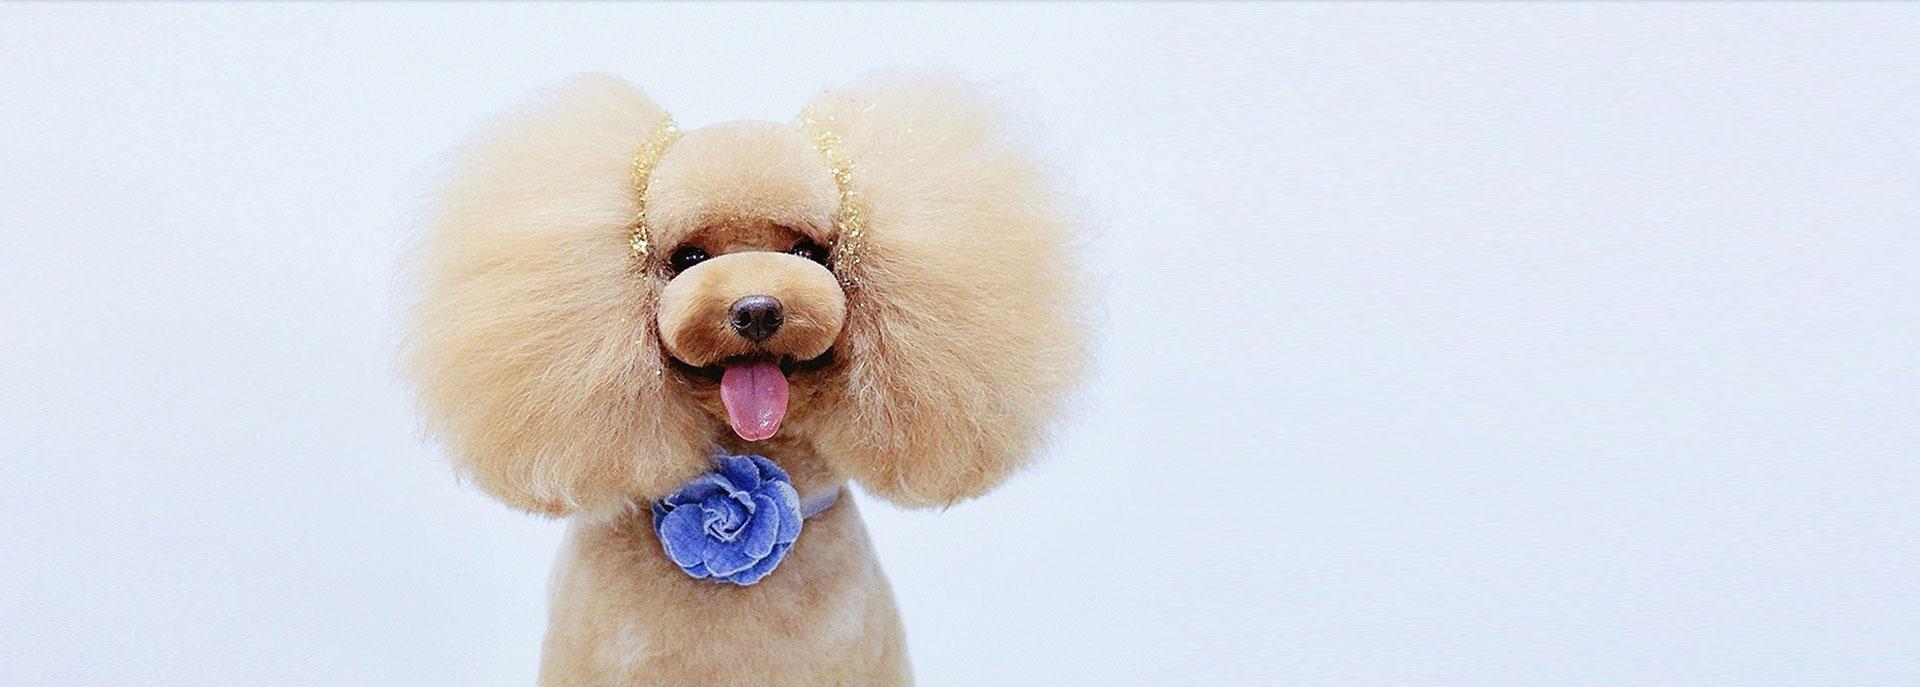 宠物美容学校告诉你:狗狗的泪痕是如何产生的